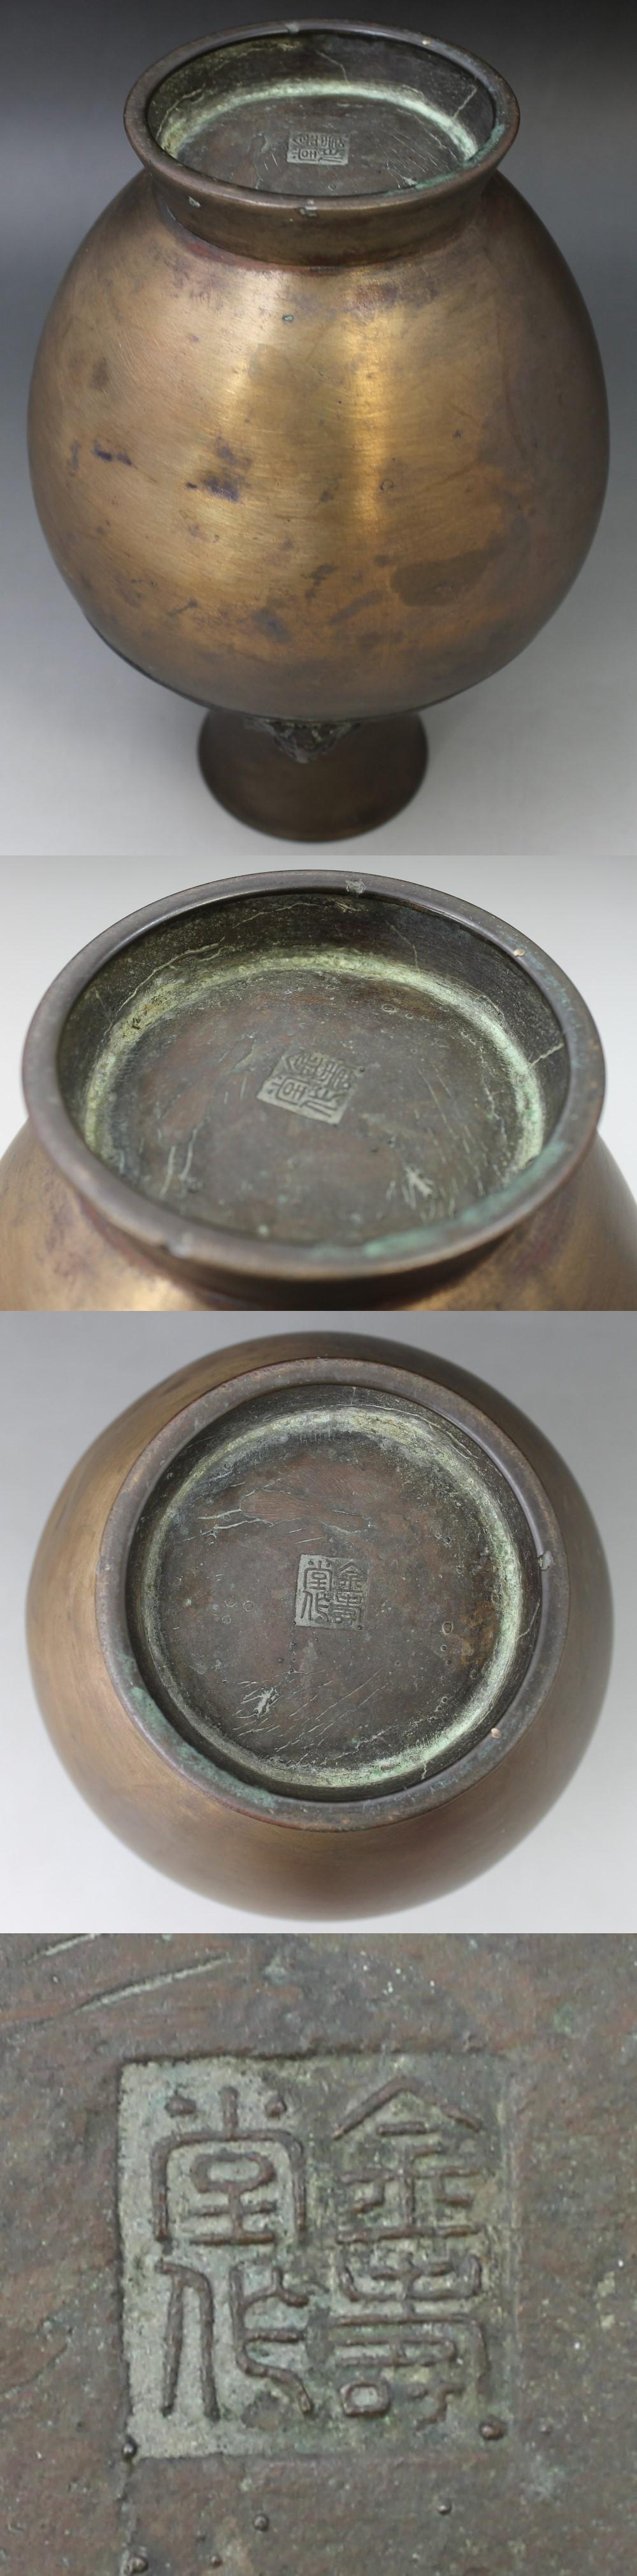 375銅製各火鉢4